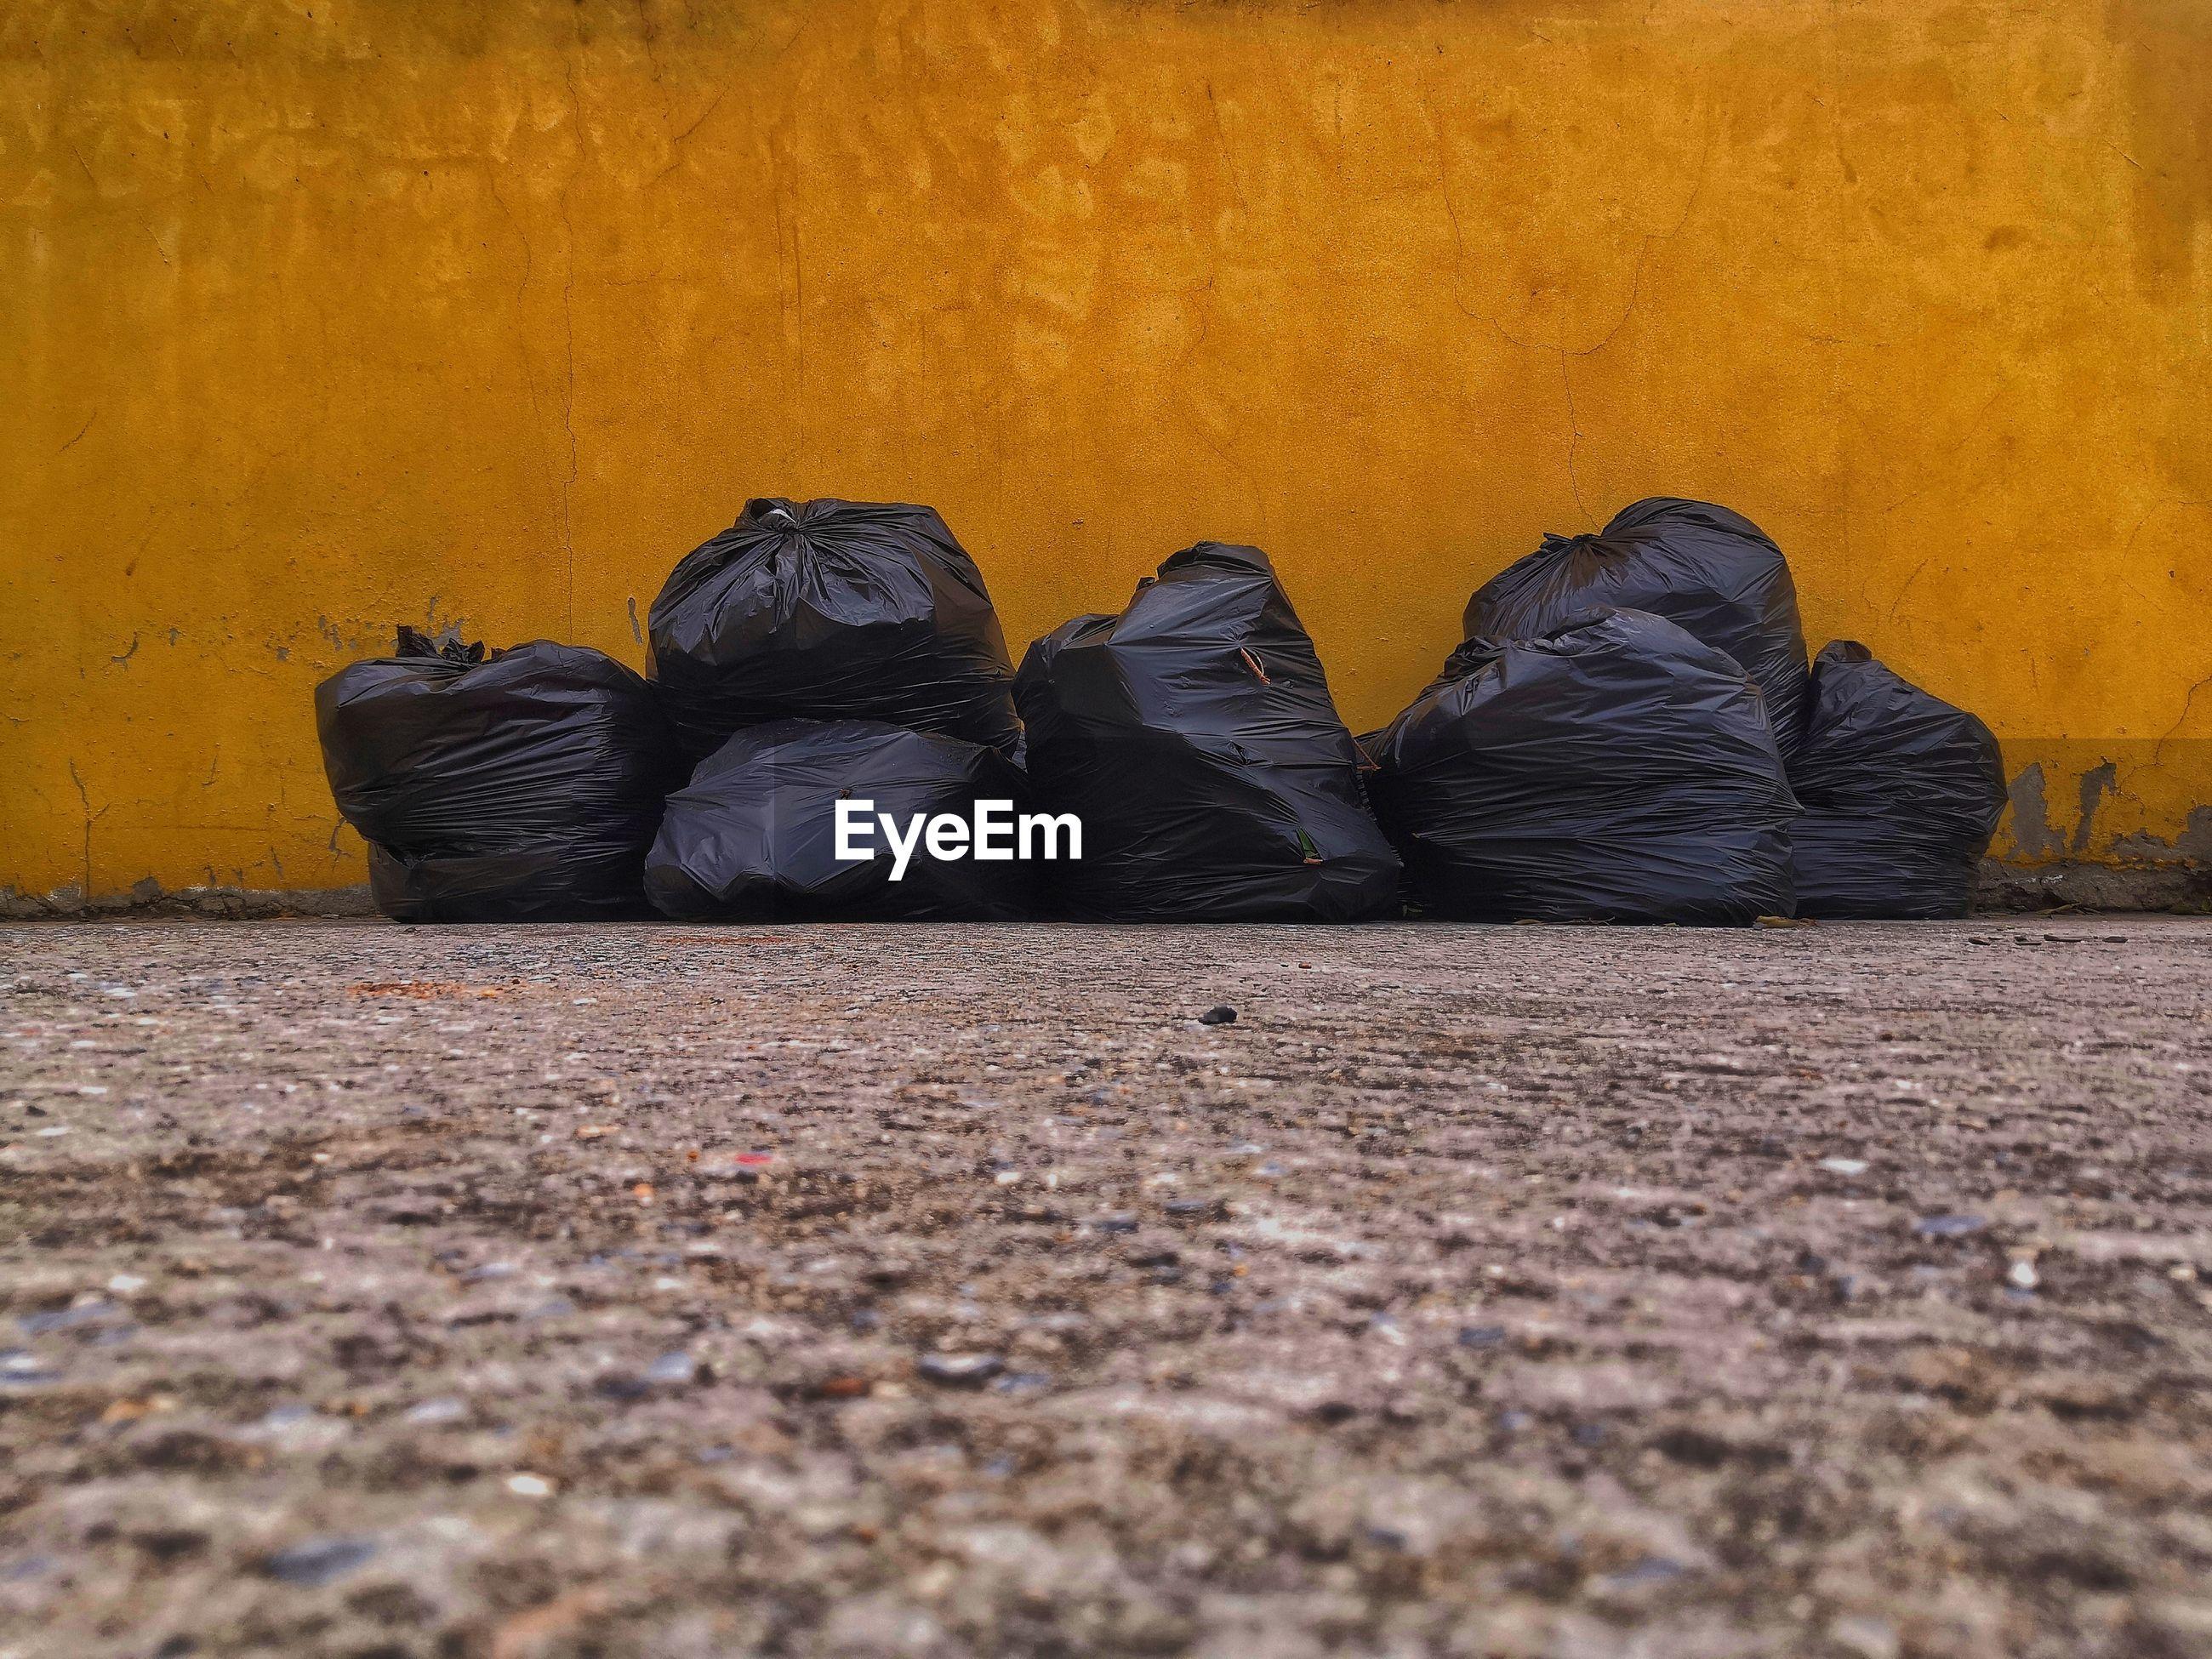 Black bag garbage dump beside the wall